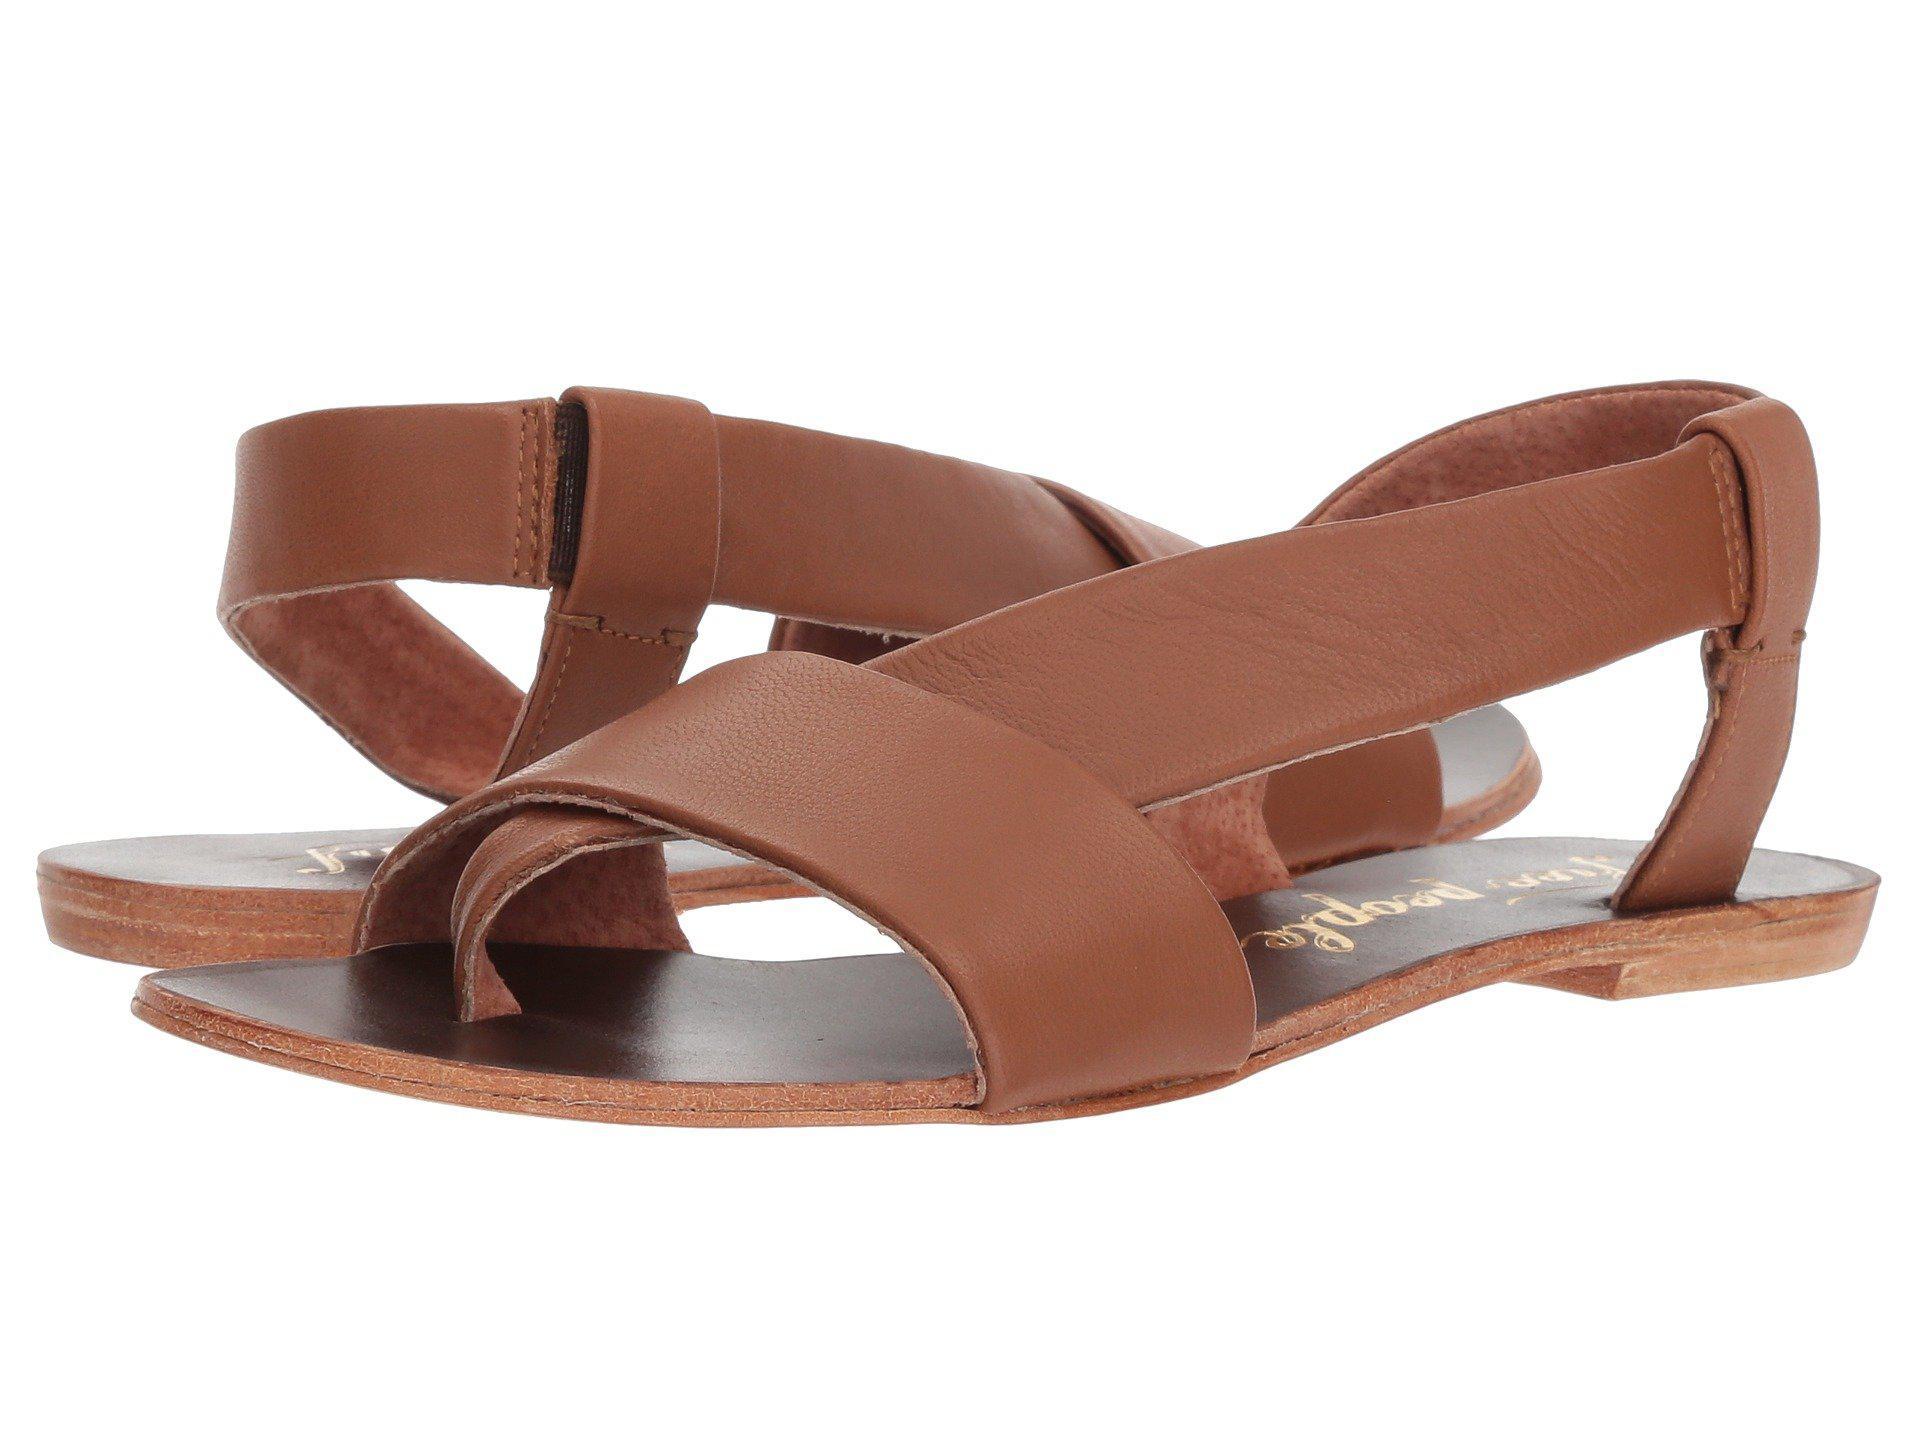 18f67beba Lyst - Free People Under Wraps Sandal in Brown - Save 19%